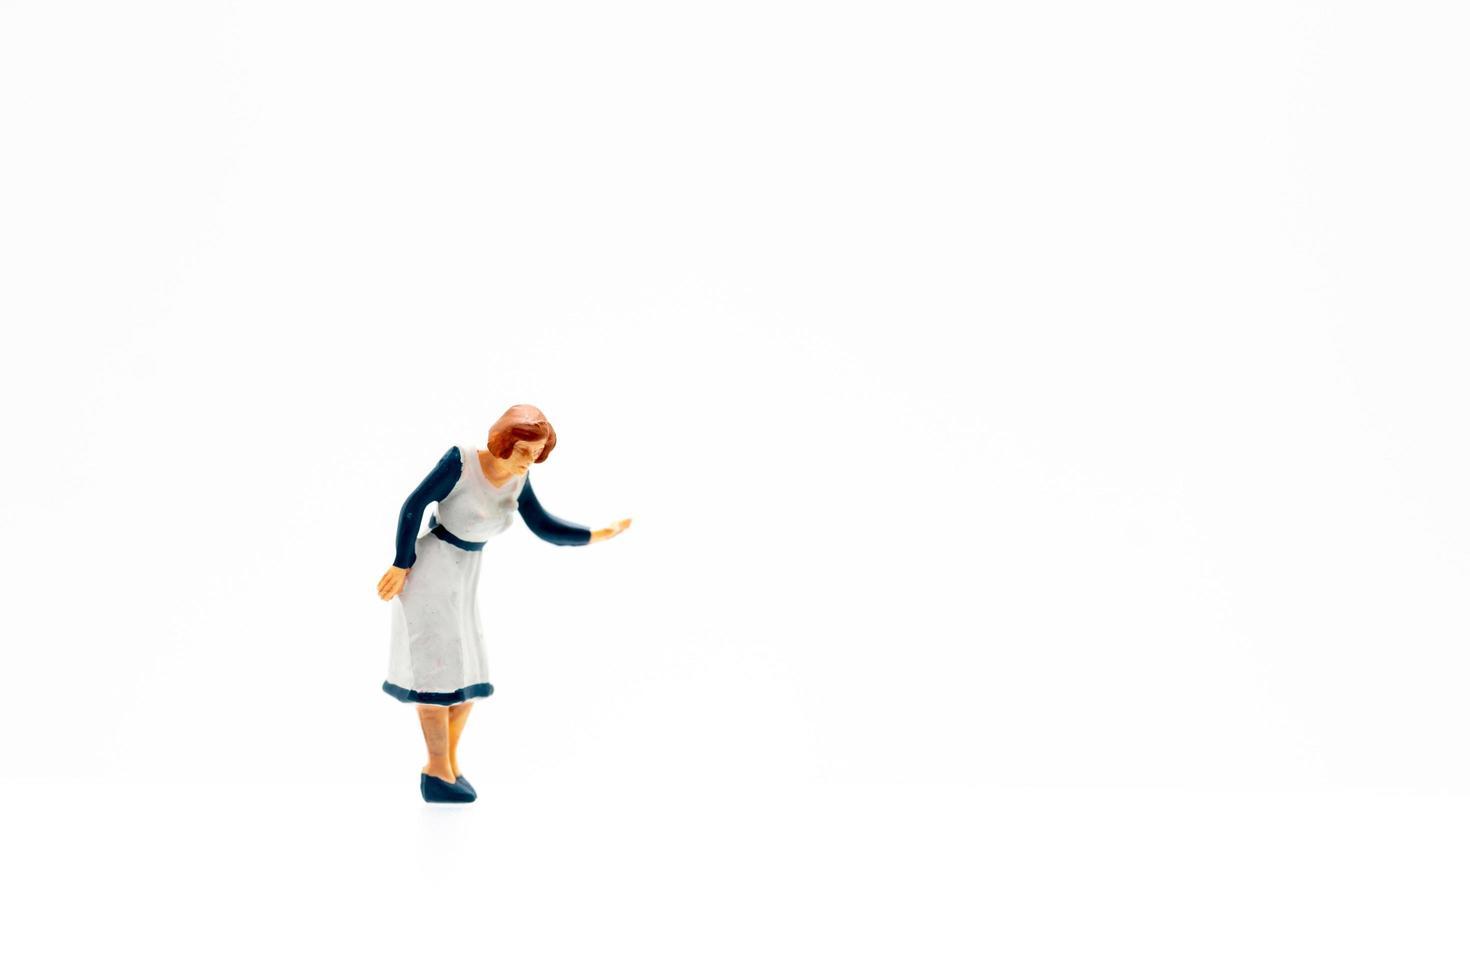 Una persona en miniatura de pie sobre un fondo blanco. foto